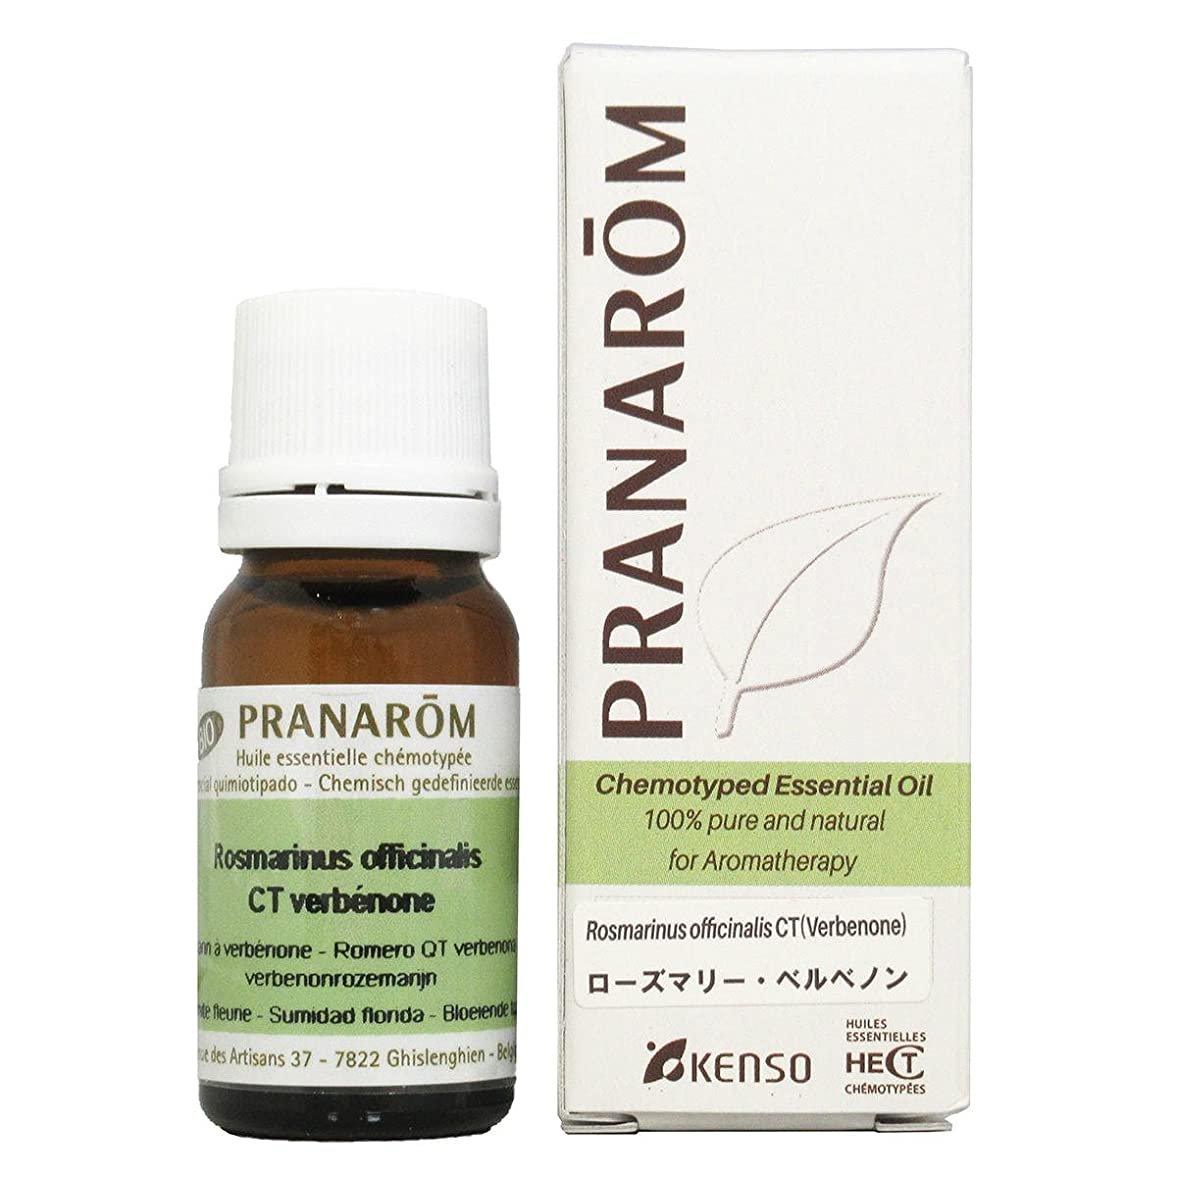 振る舞う入浴検索プラナロム ローズマリーベルベノン 10ml (PRANAROM ケモタイプ精油)